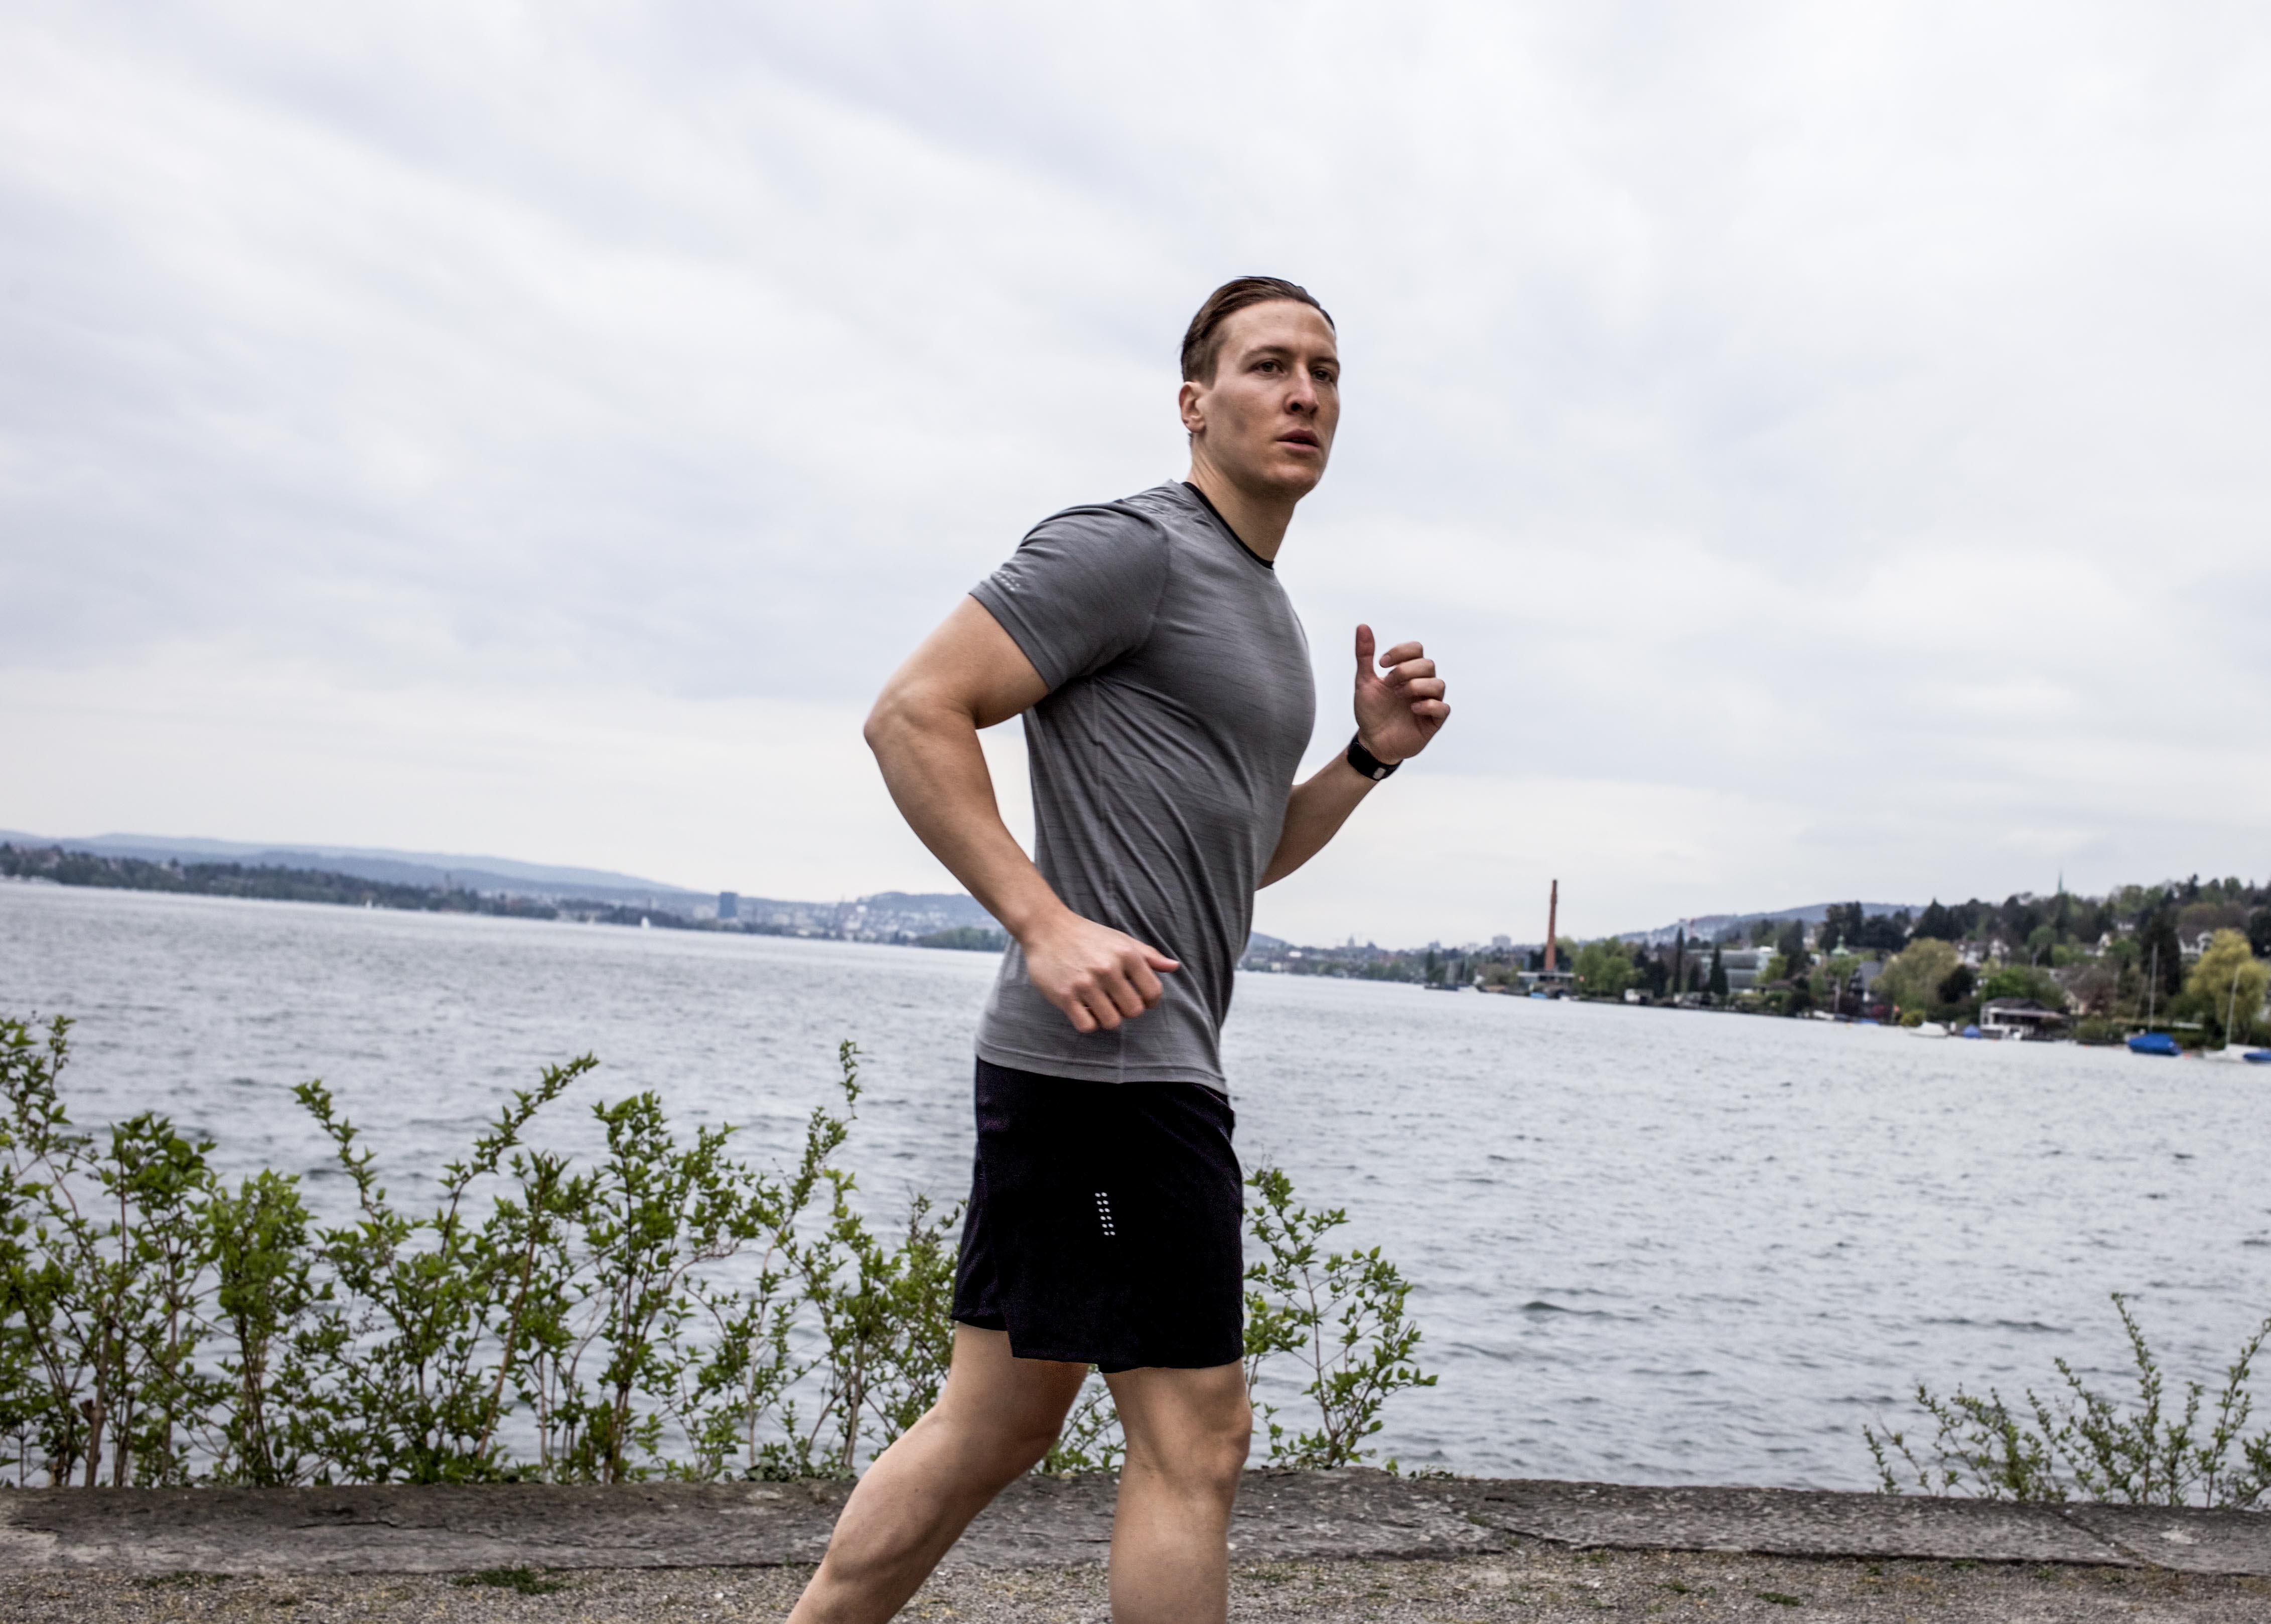 sport-running-laufen-gym-tipps-puma-training_7479